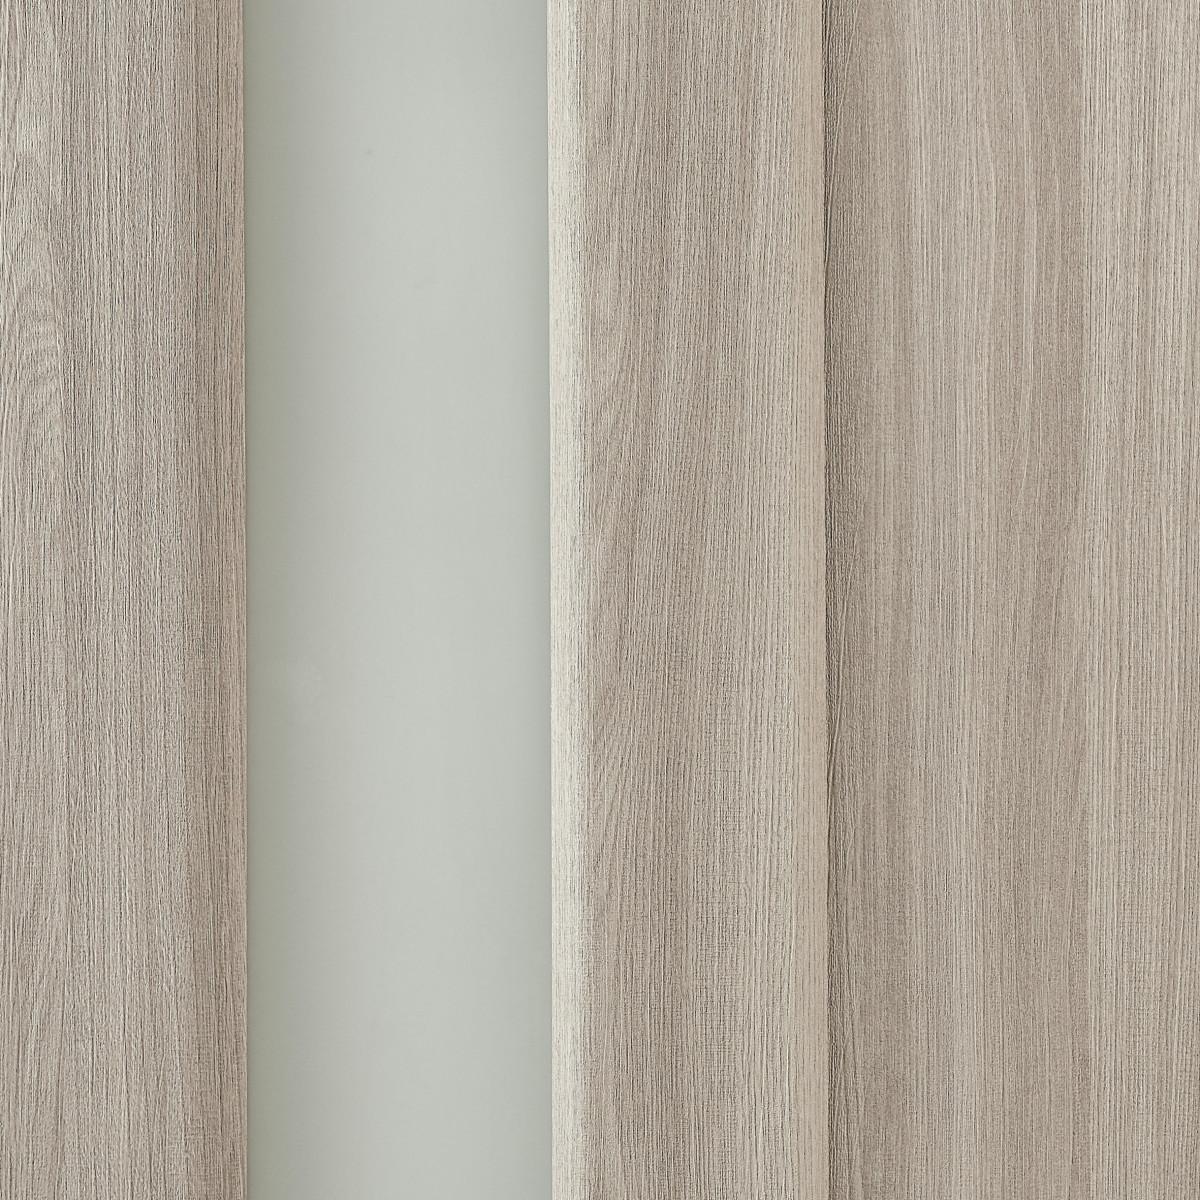 Дверь Межкомнатная Остеклённая Artens Мария 70x200 Пвх Цвет Шимо